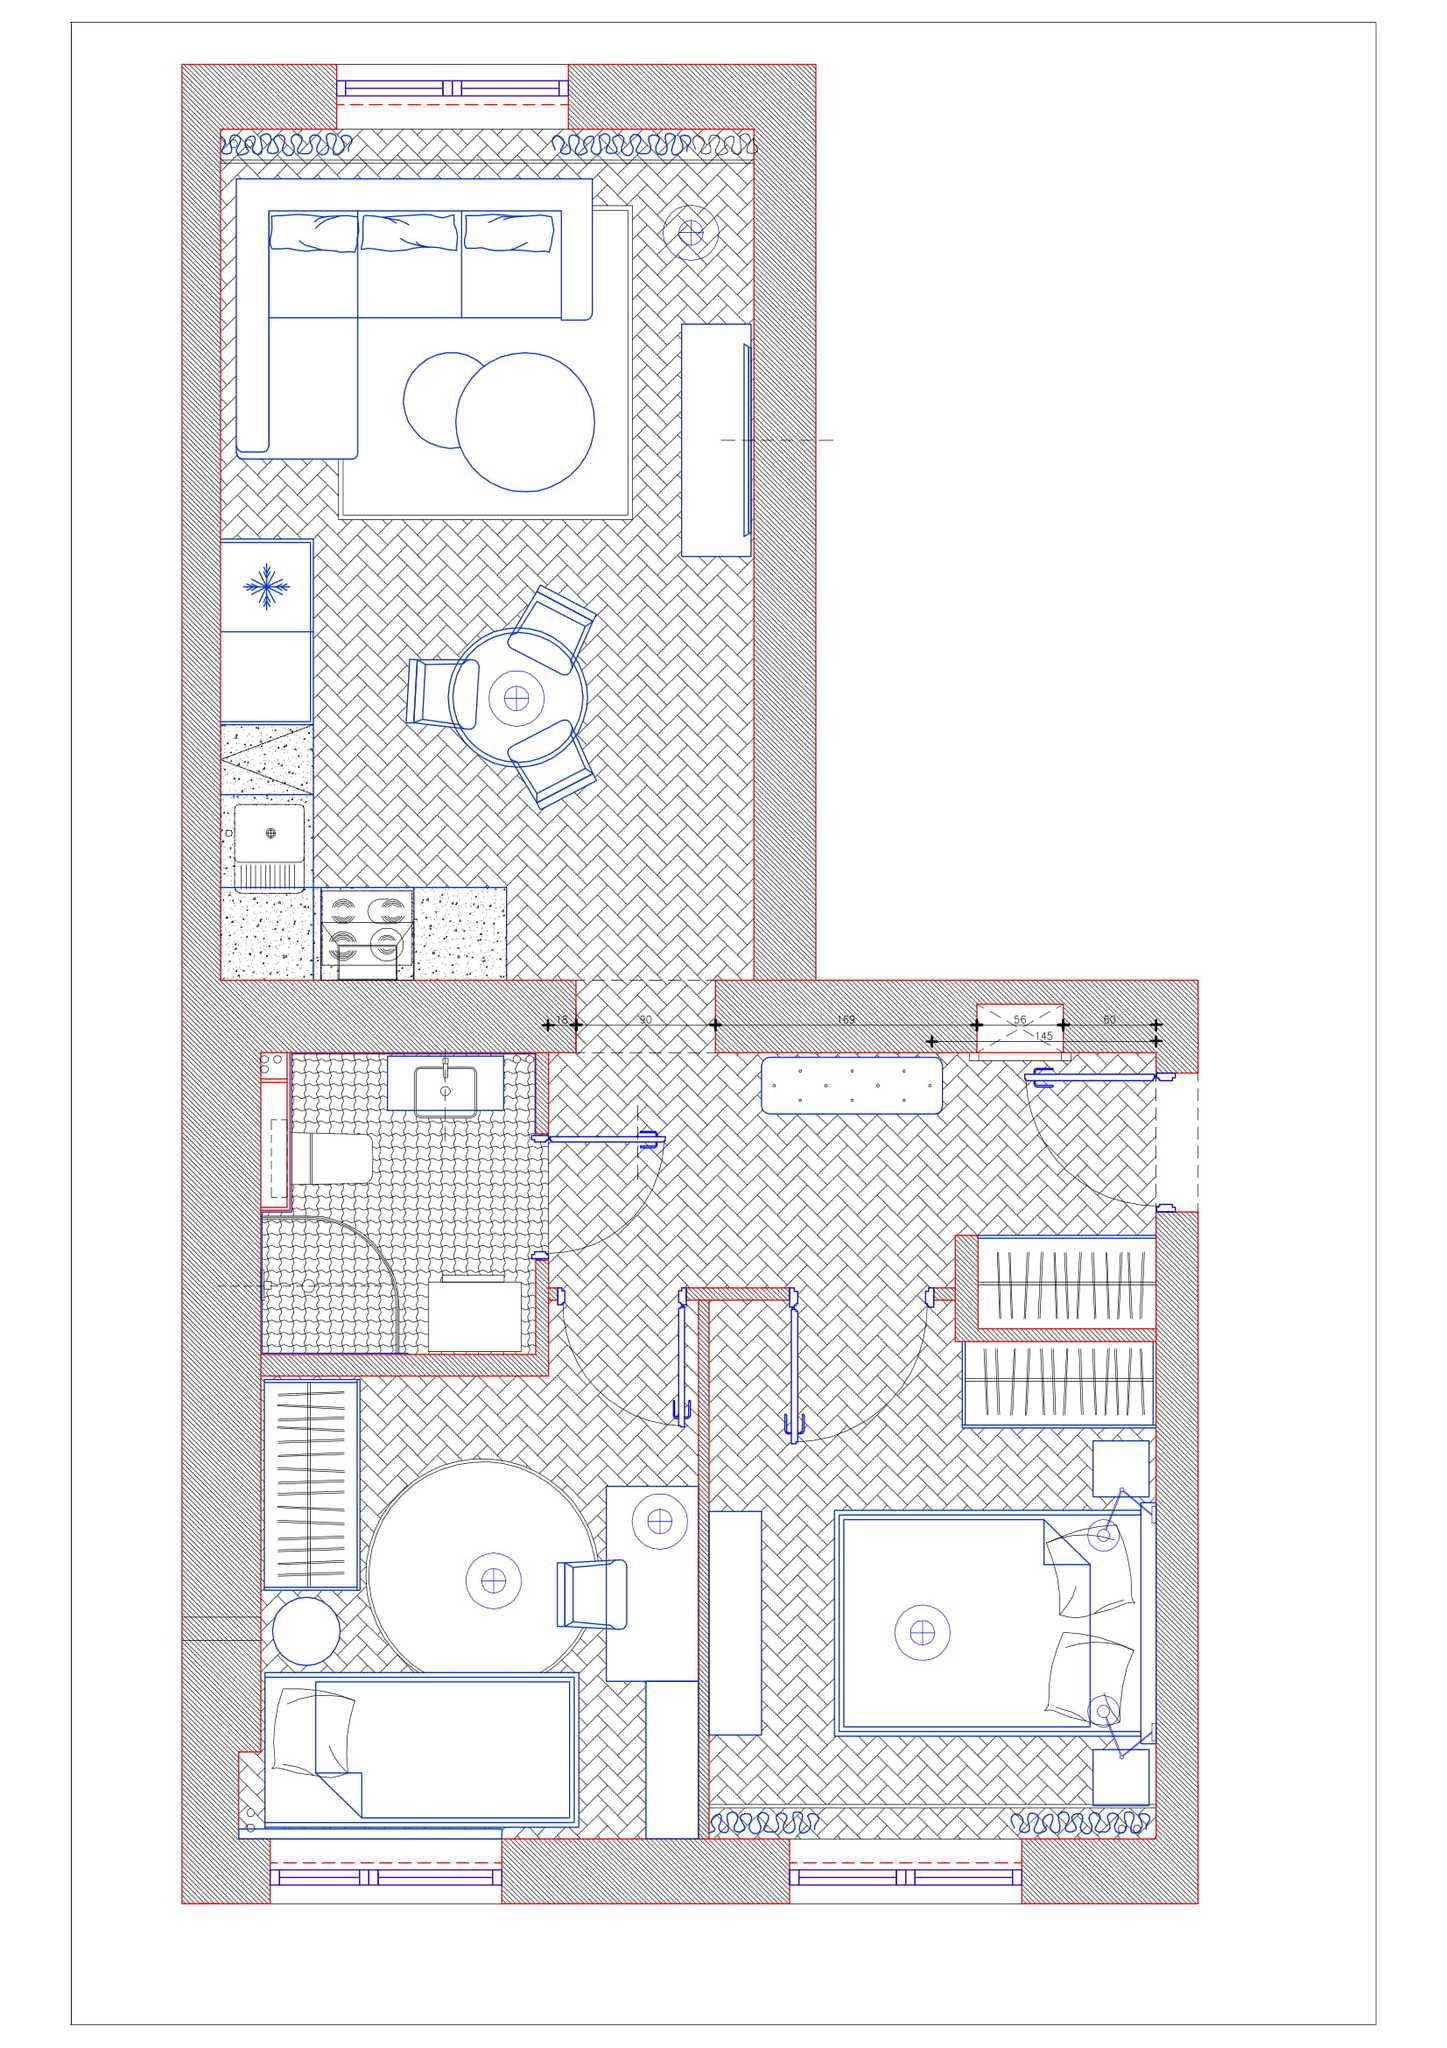 Apartment for Sale Warszawa, Praga-Południe Turbinowa St. Comfy, 3 rooms apartment on Praga Południe floorplan